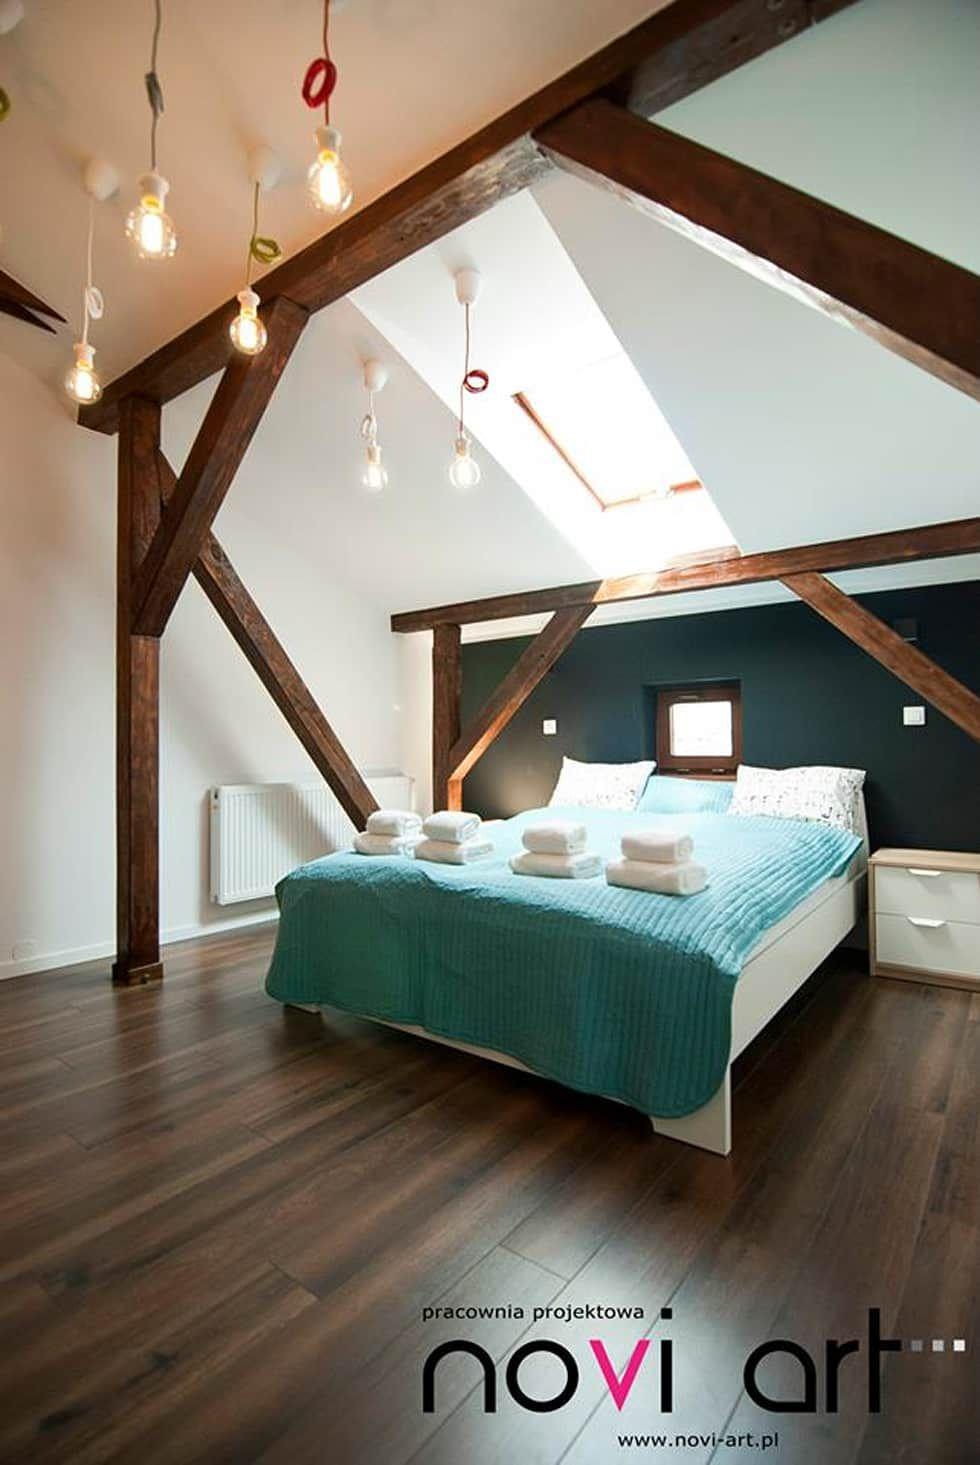 fotos de decoraa a o design de interiores e reformas quartos